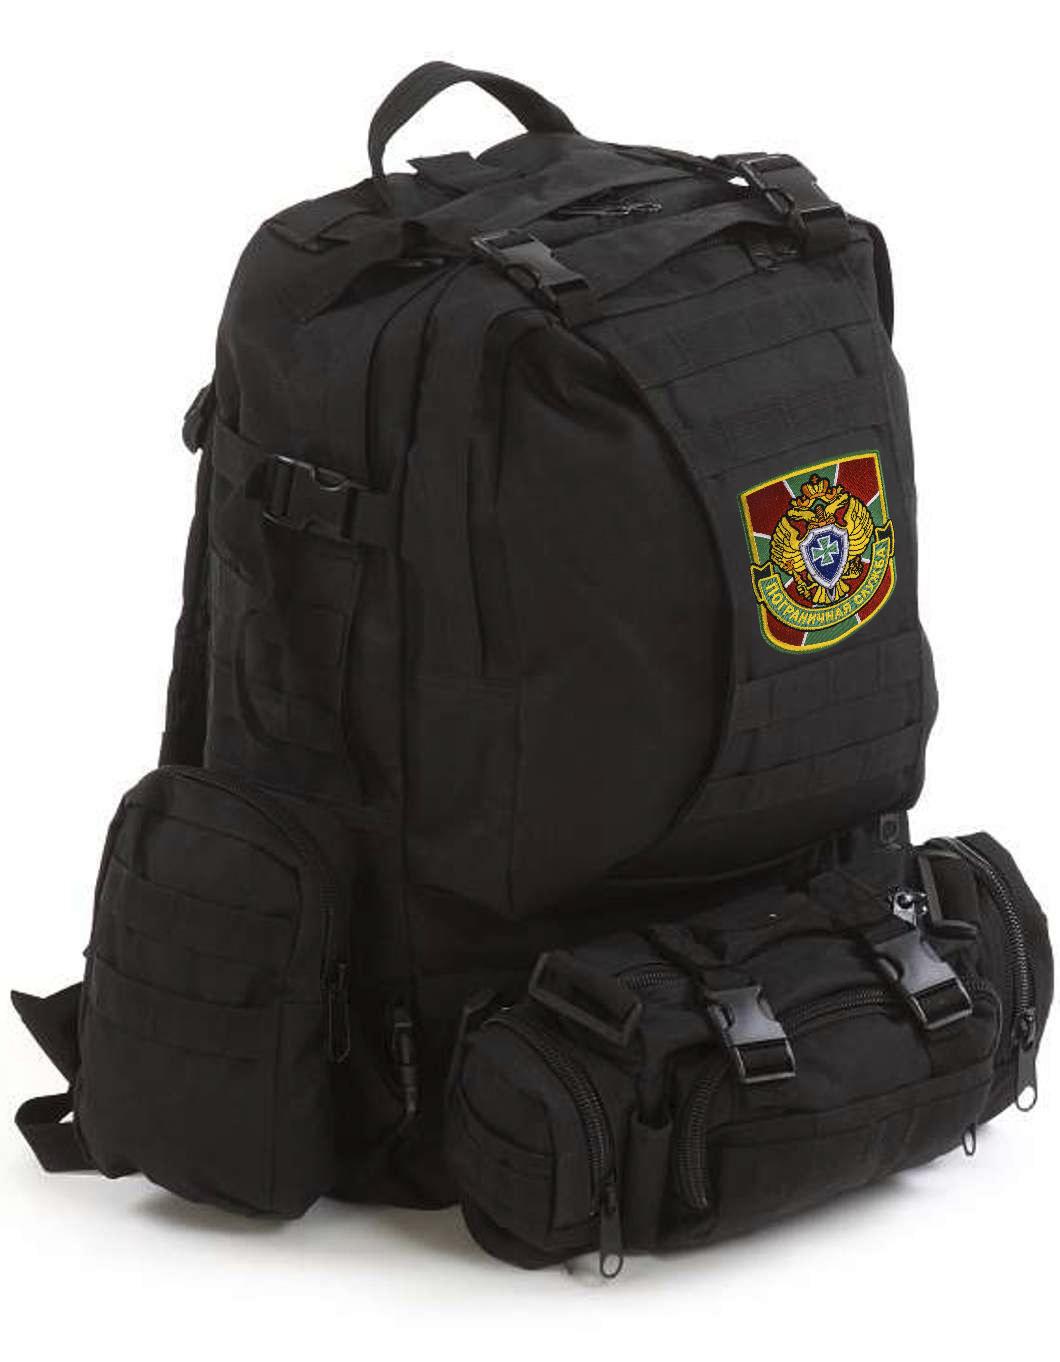 Черный армейский рюкзак Assault Пограничная Служба - купить в подарок